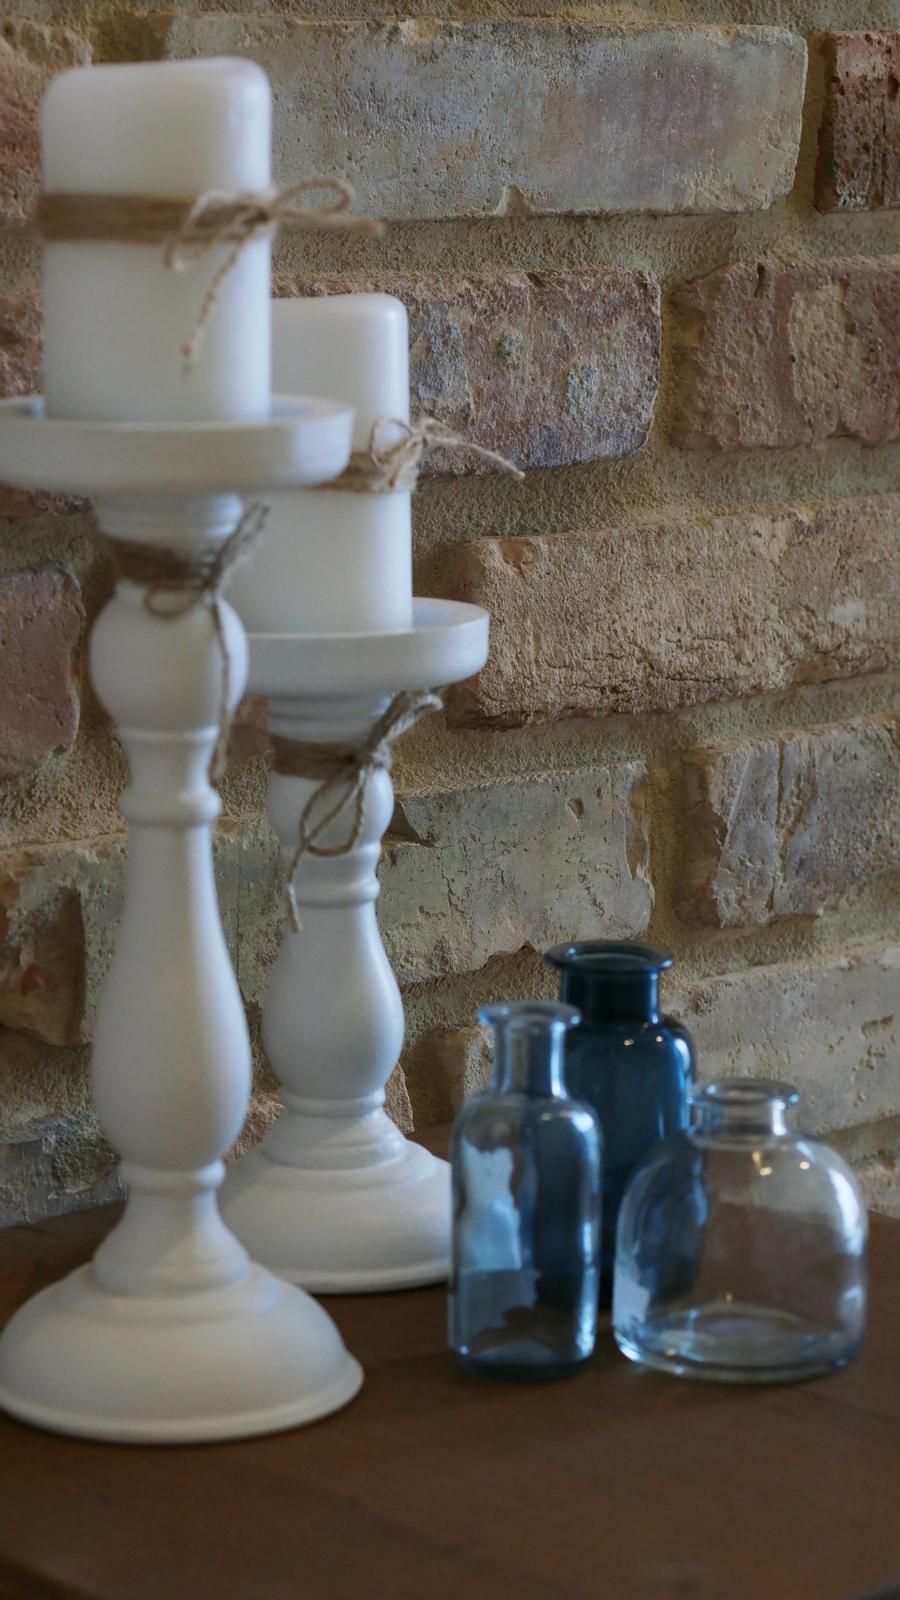 Náš domček ♡ Bramasole ♡ ... Stilo interiér aj exteriér 3. rok bývania - Obrázok č. 41